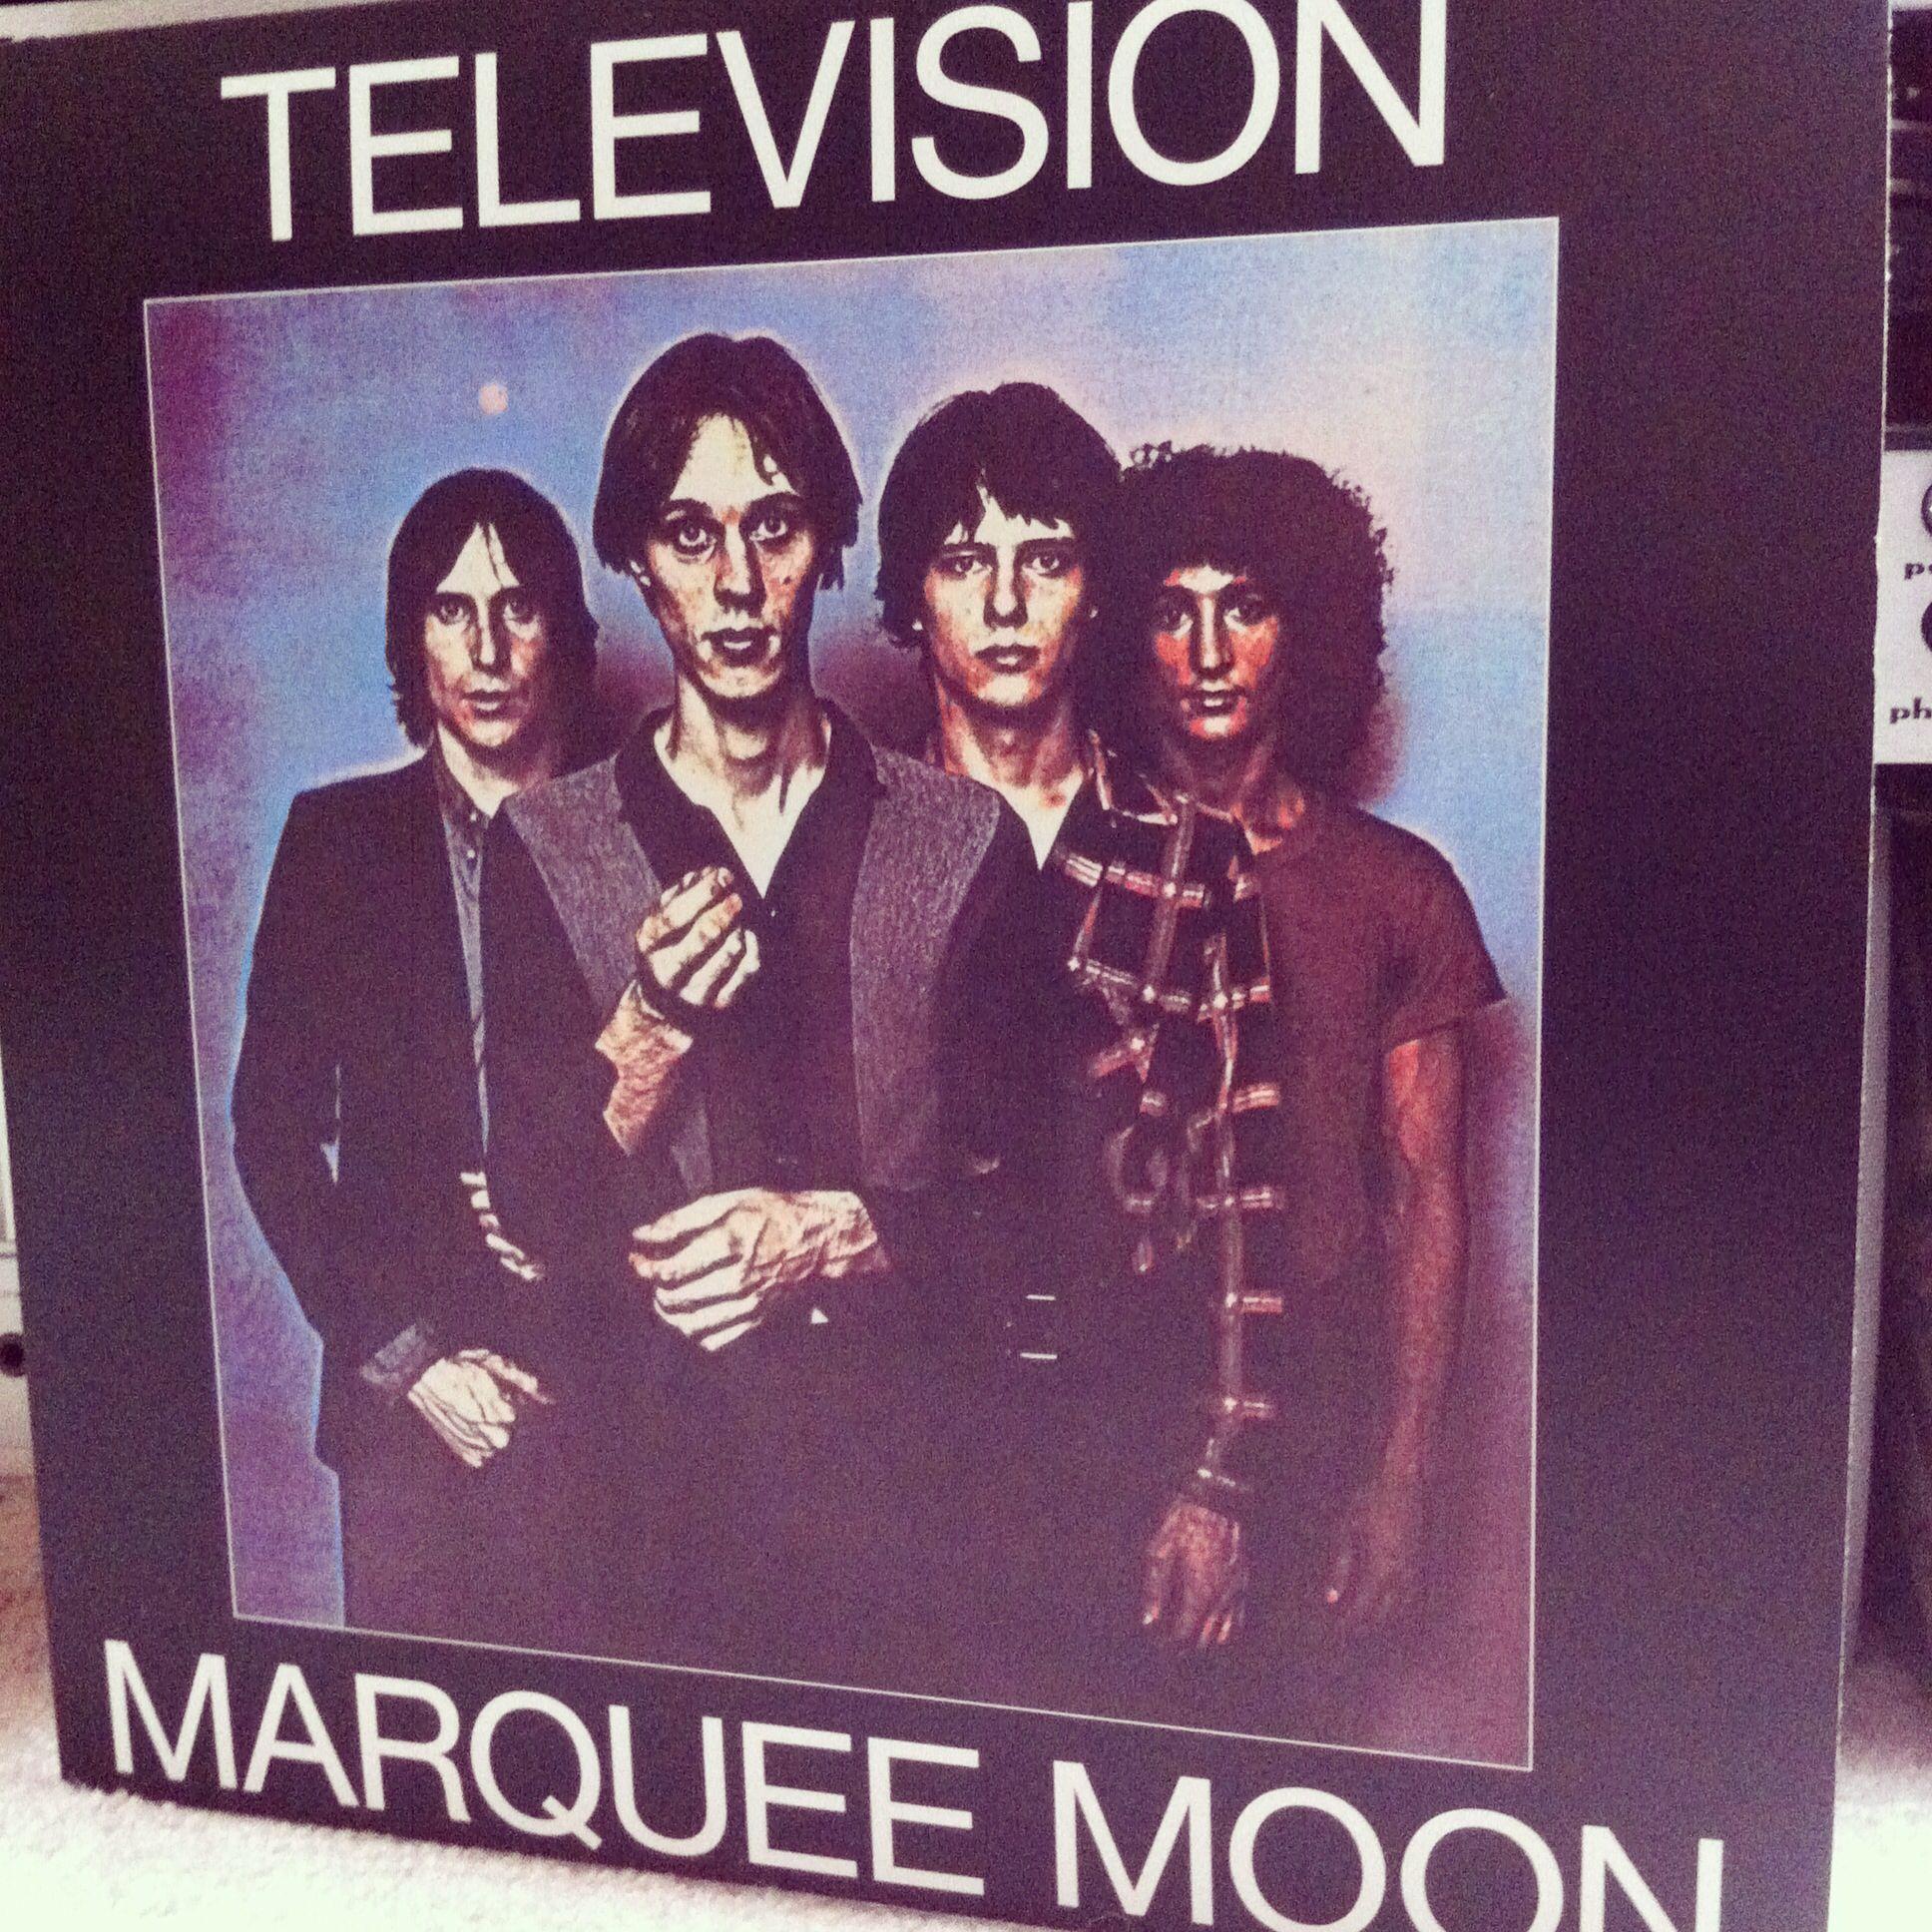 Snake Oil Recording S Morning Listening Television Marquee Moon Rva Rvamusic Recording Vinyl Studio Audio R Tom Verlaine Great Albums Music Albums